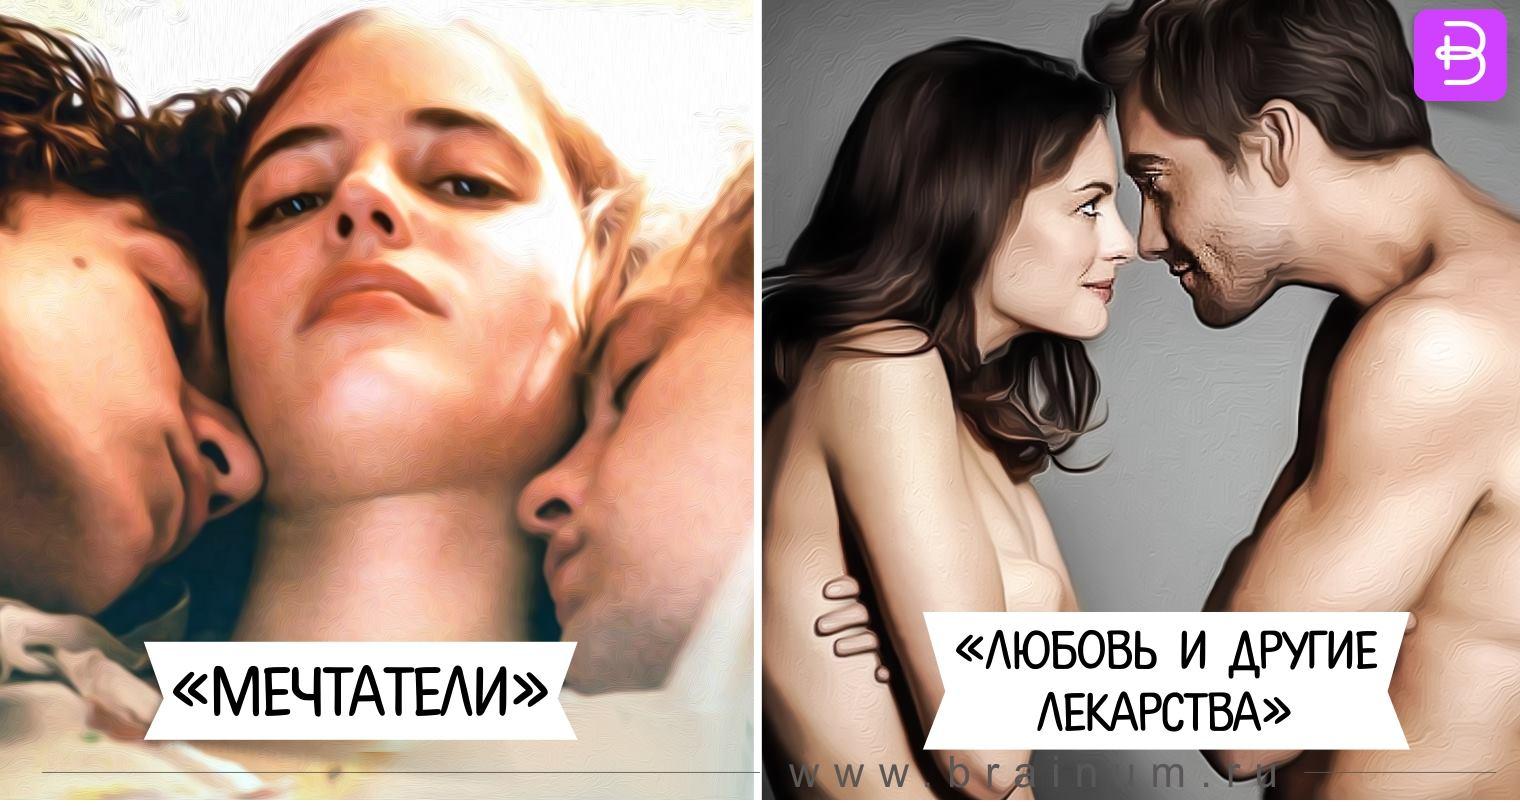 Эротический фильм сексуальное пробуждение